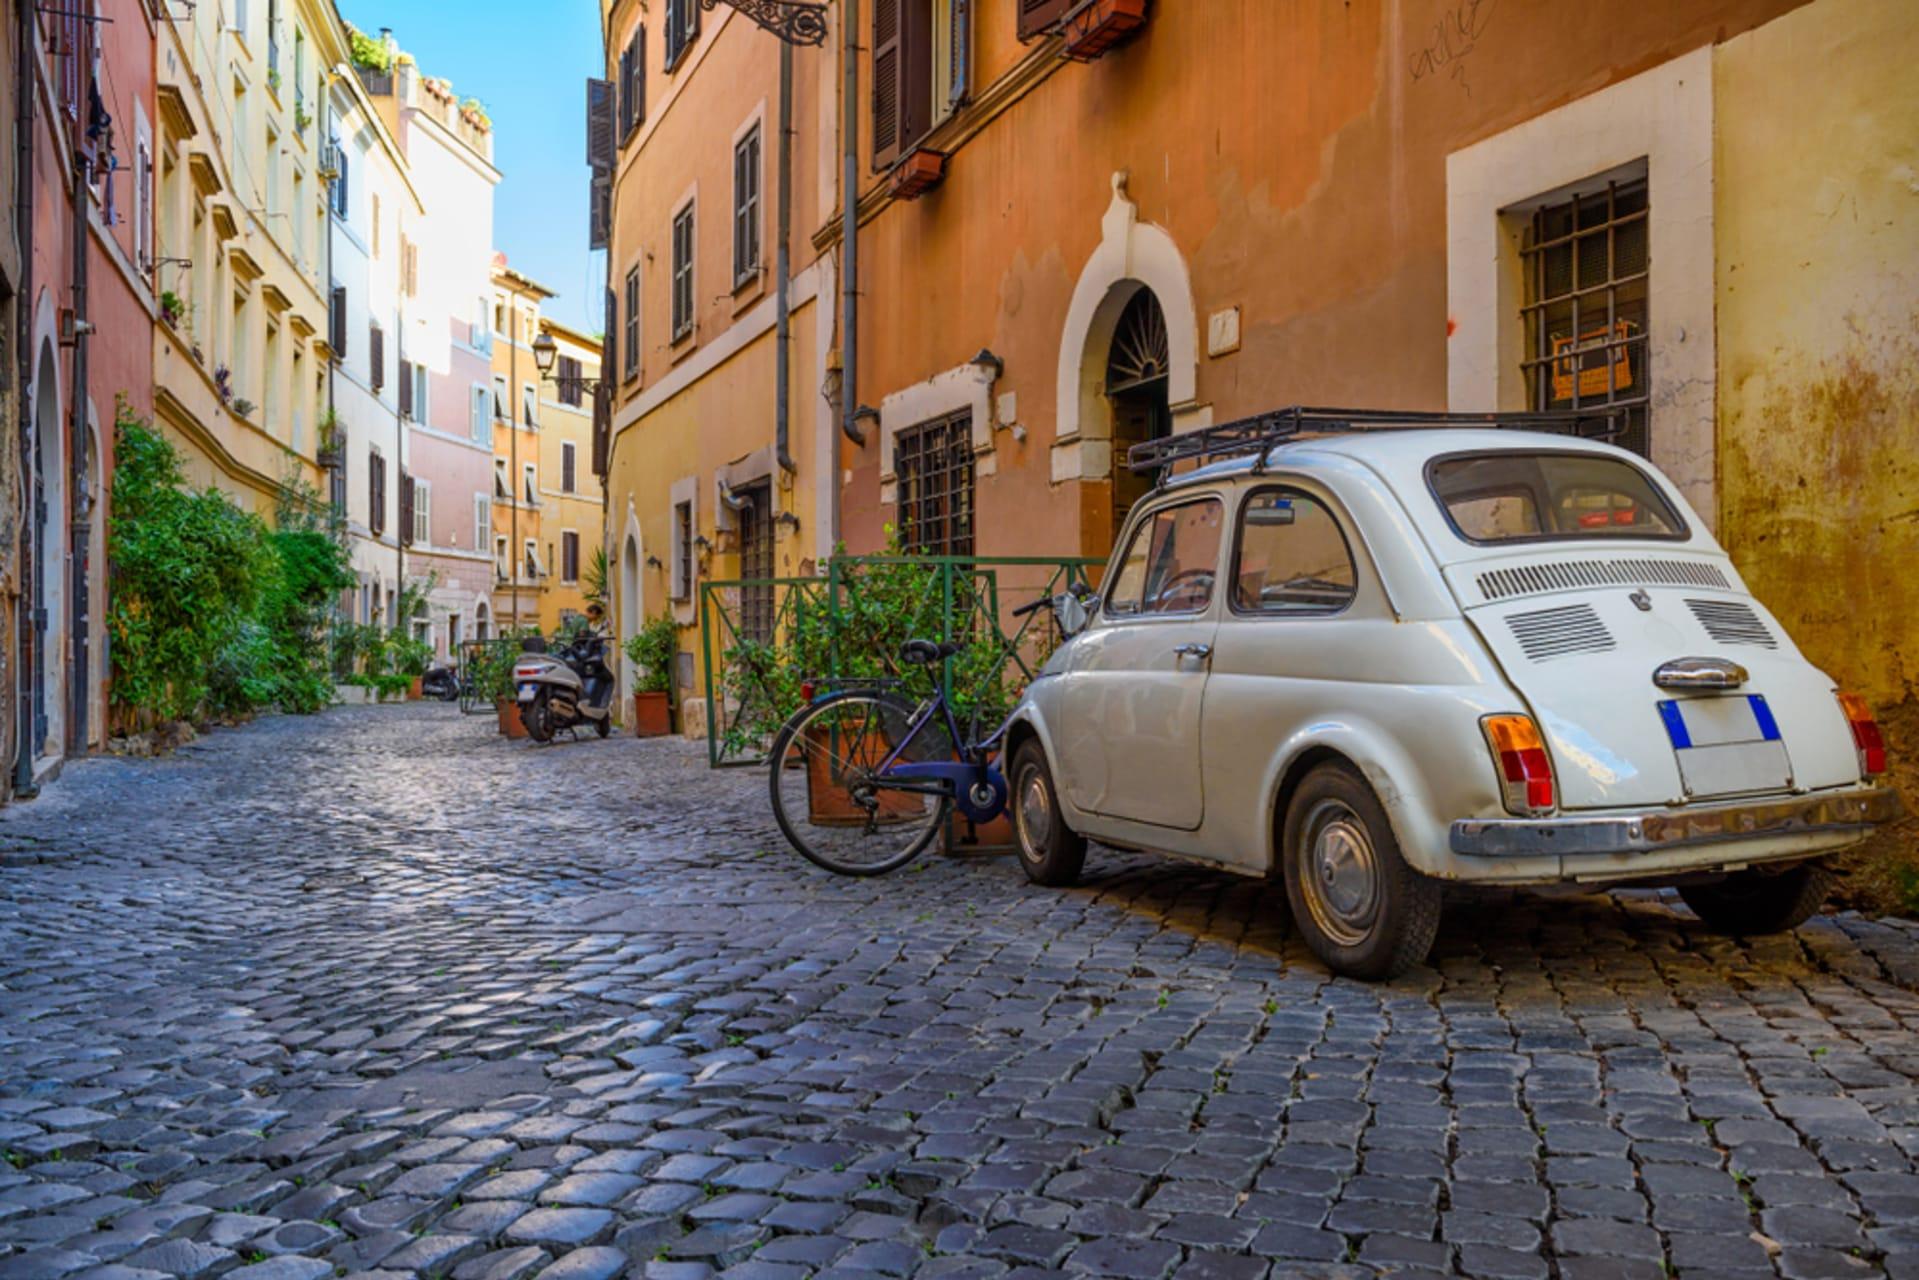 Rome - Campo de Fiori and Trastevere